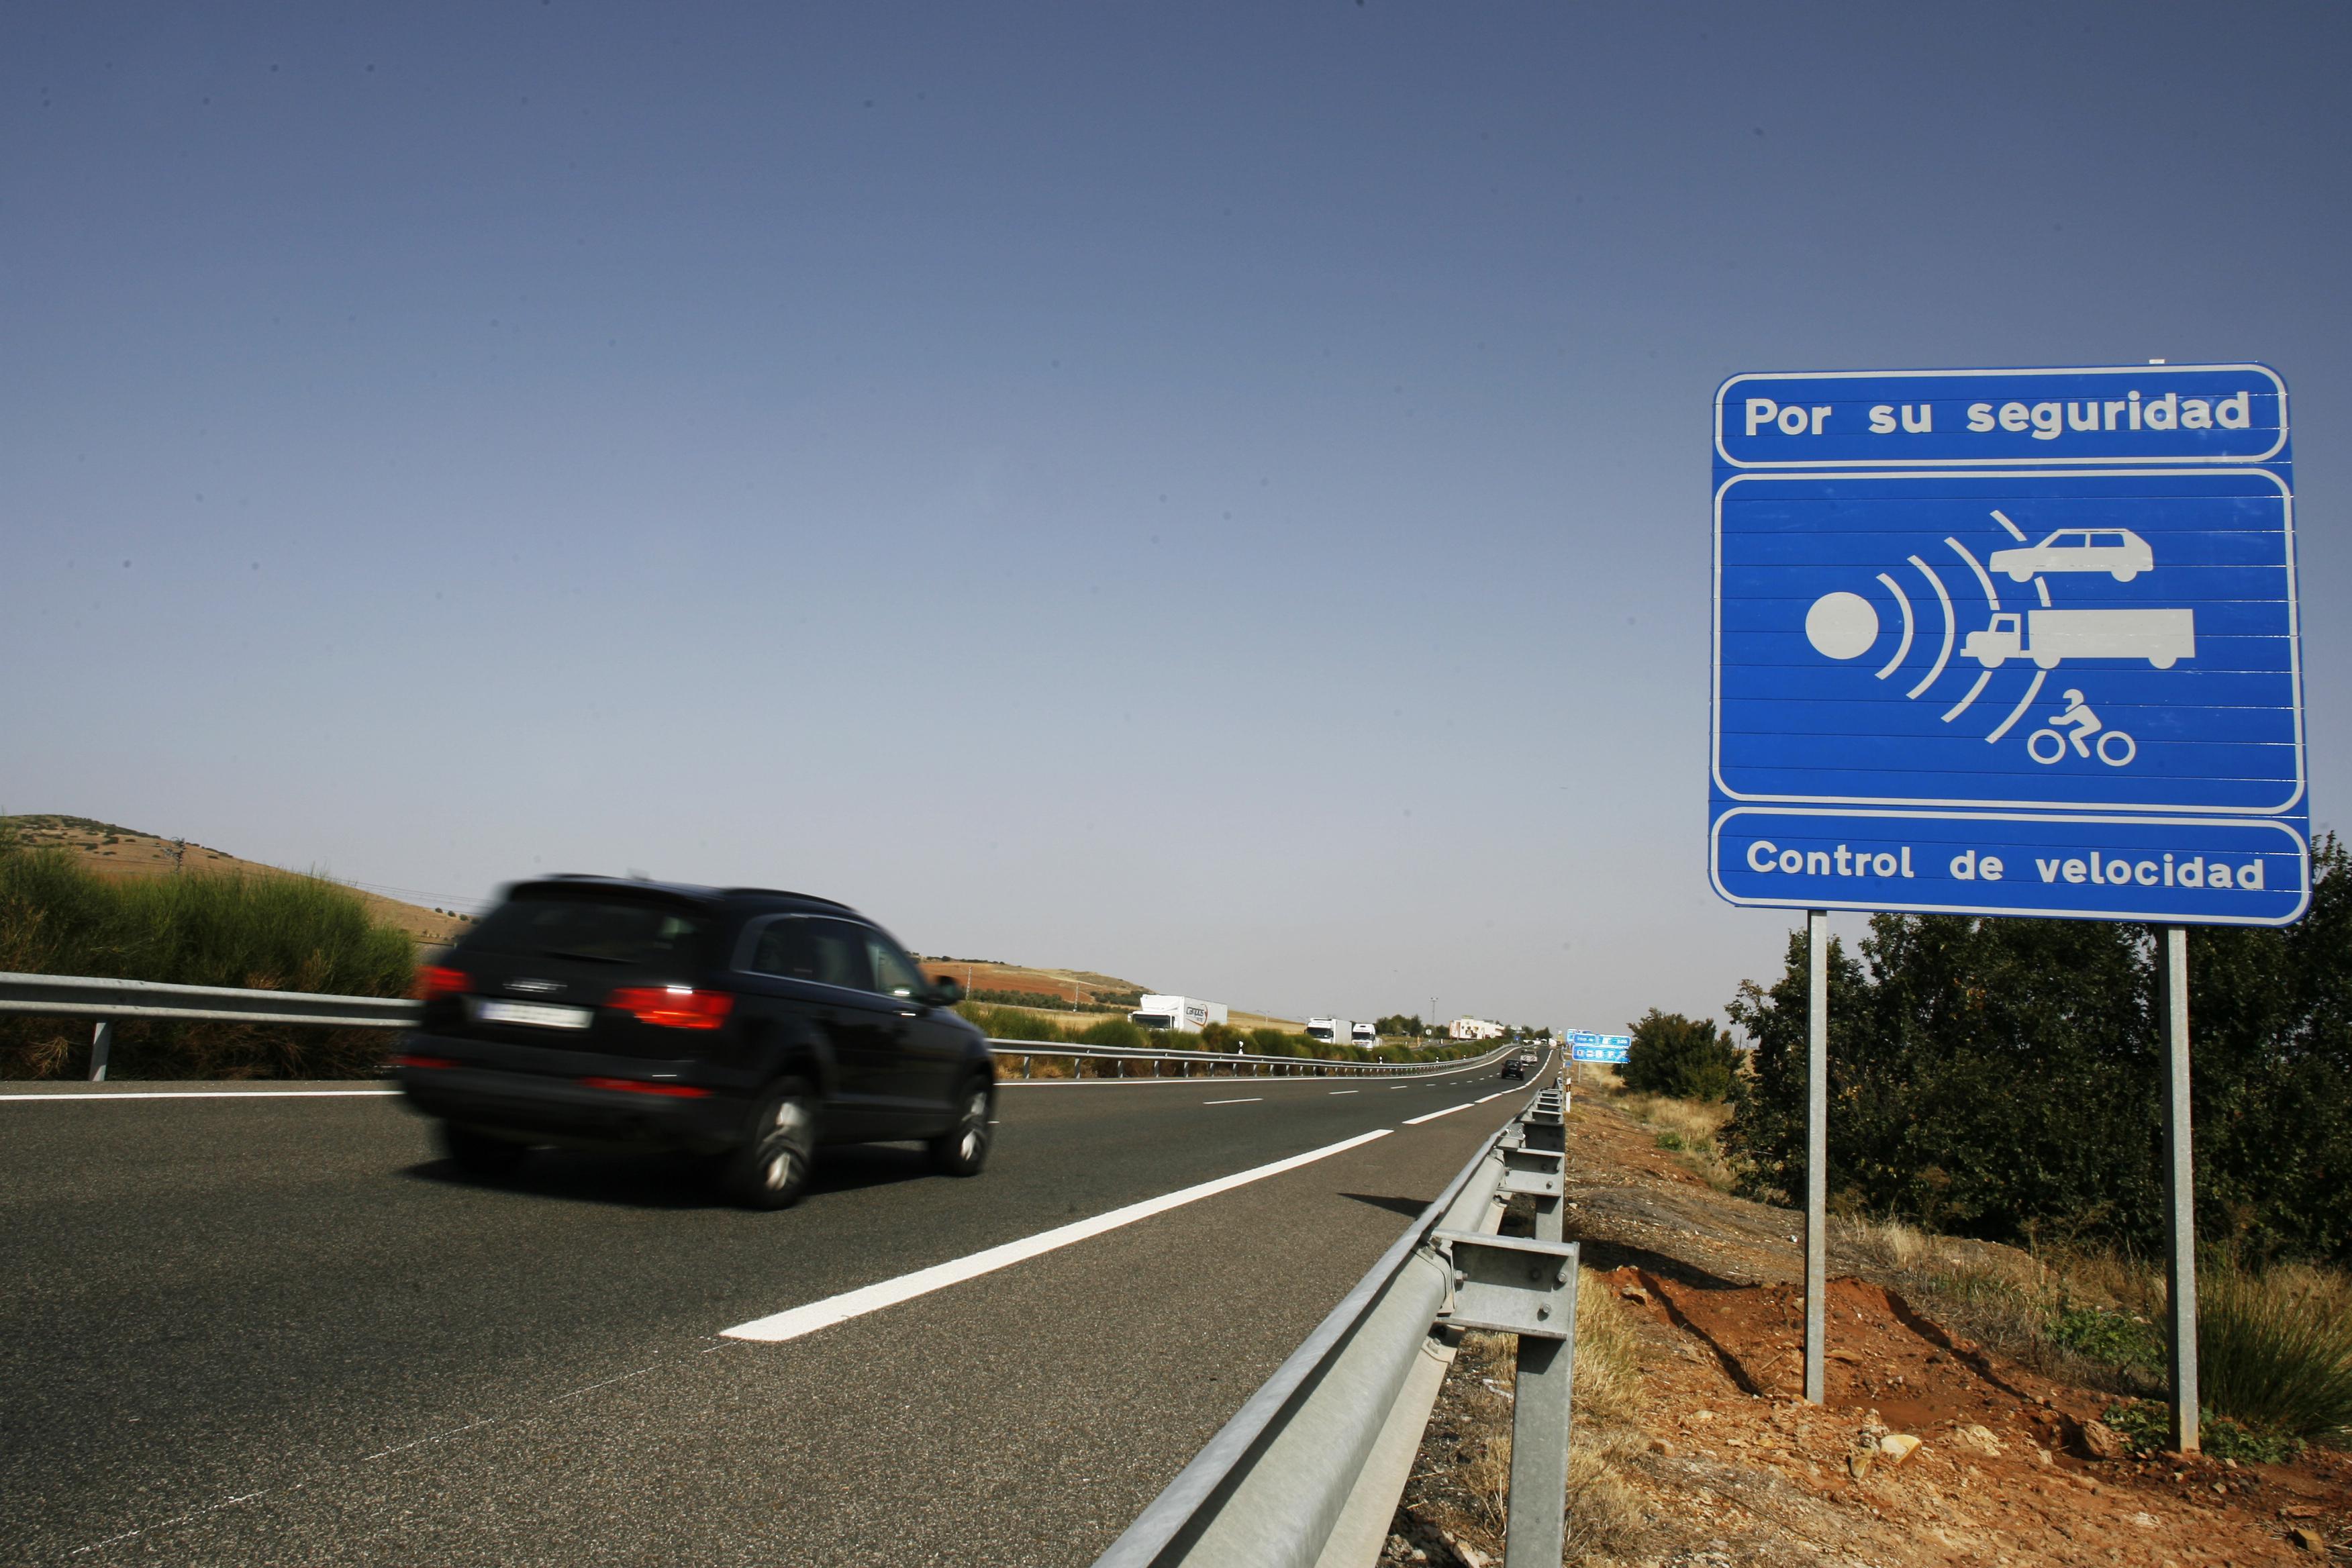 Sigue el acoso: la DGT compra 30 nuevos radares de velocidad